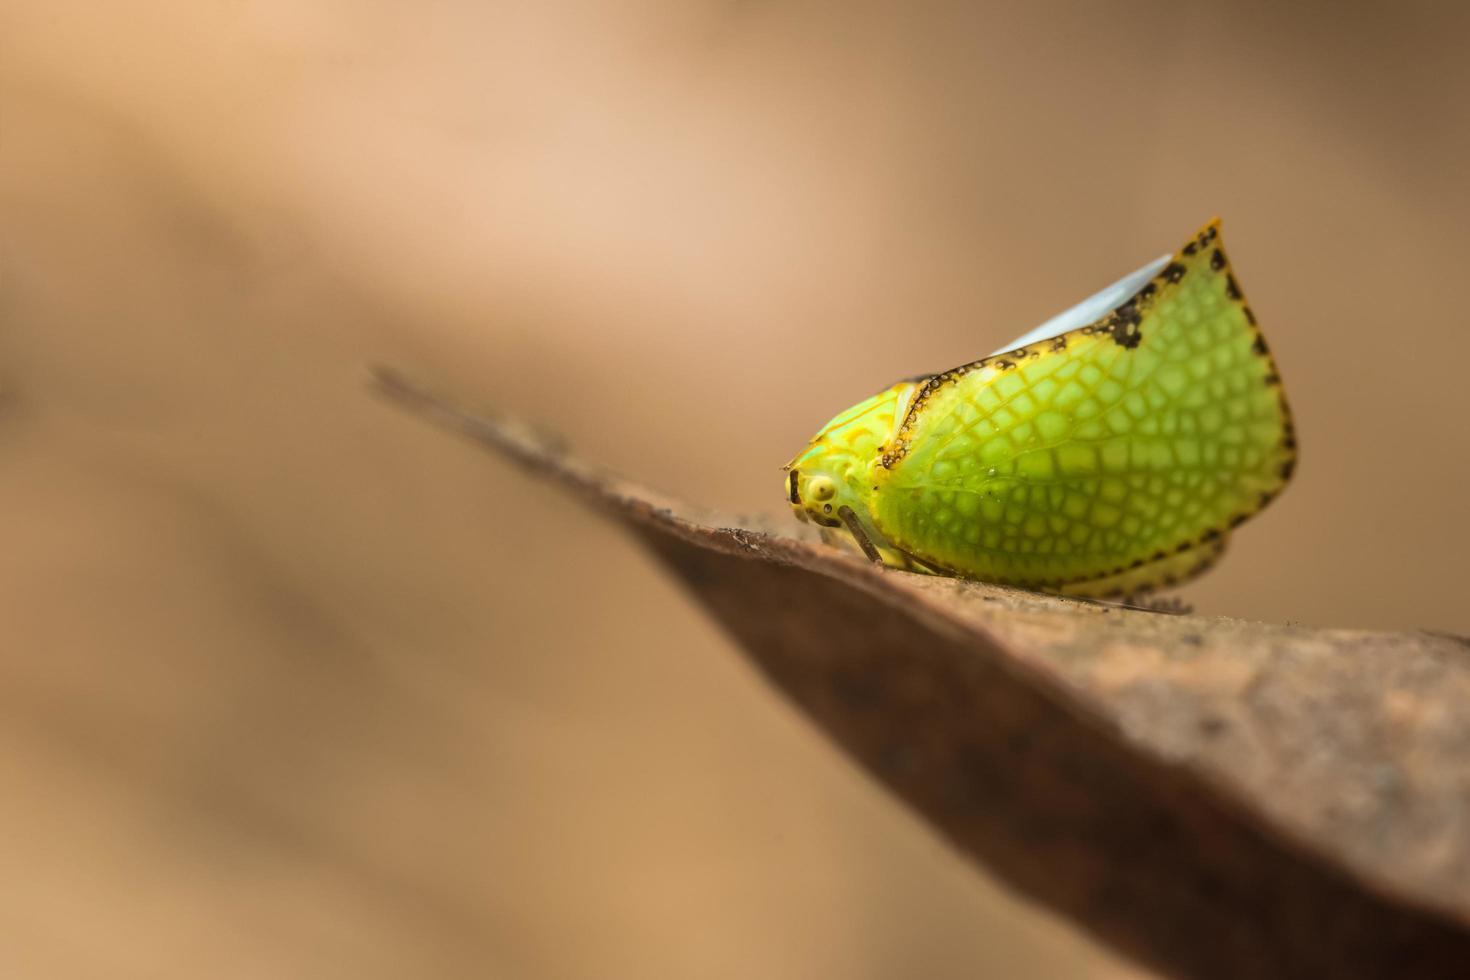 vlinder op een droog blad foto